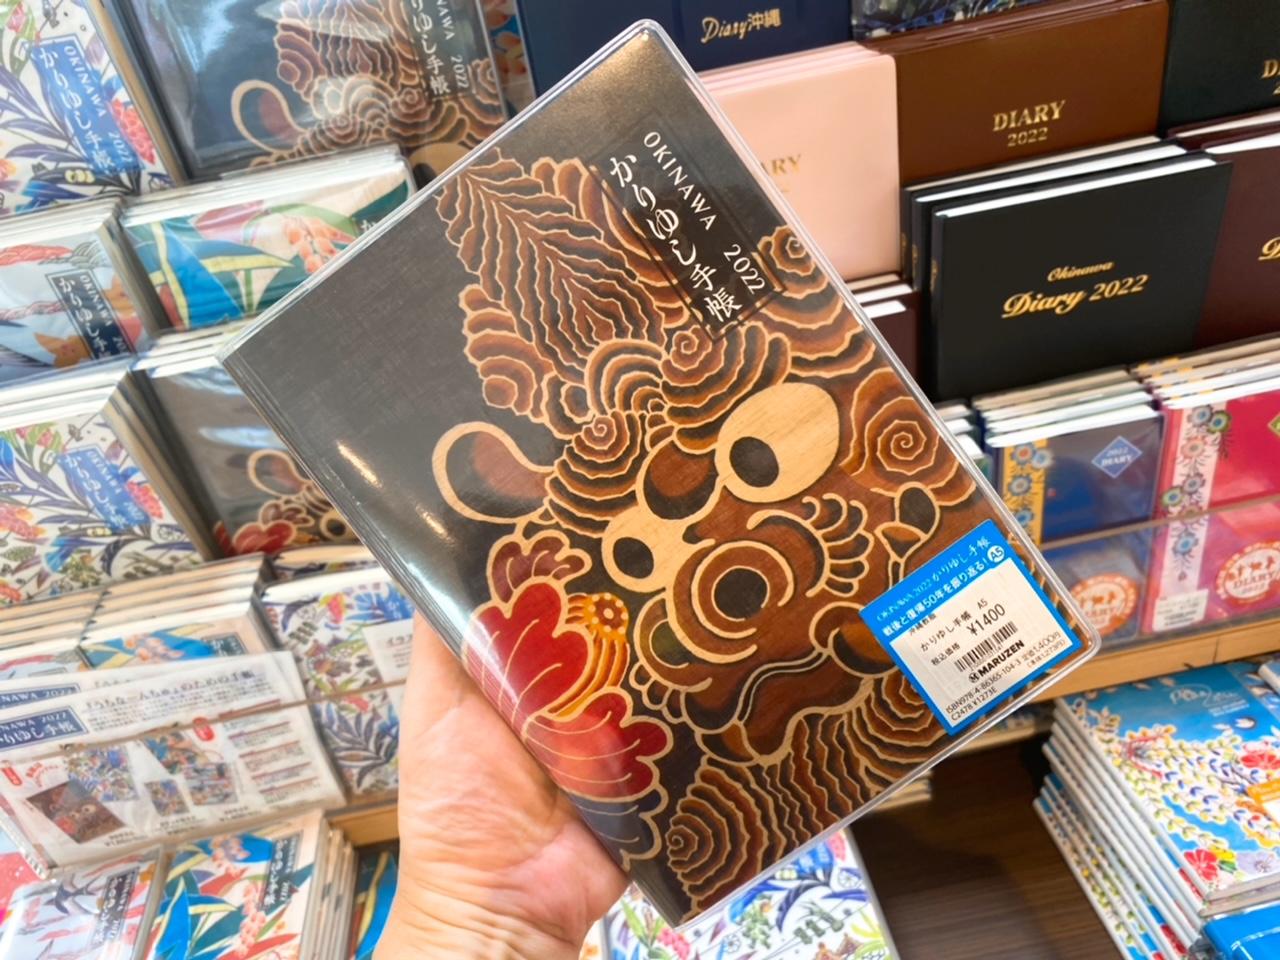 沖縄手帳・かりゆし手帳の販売開始!2022年はどれにする?